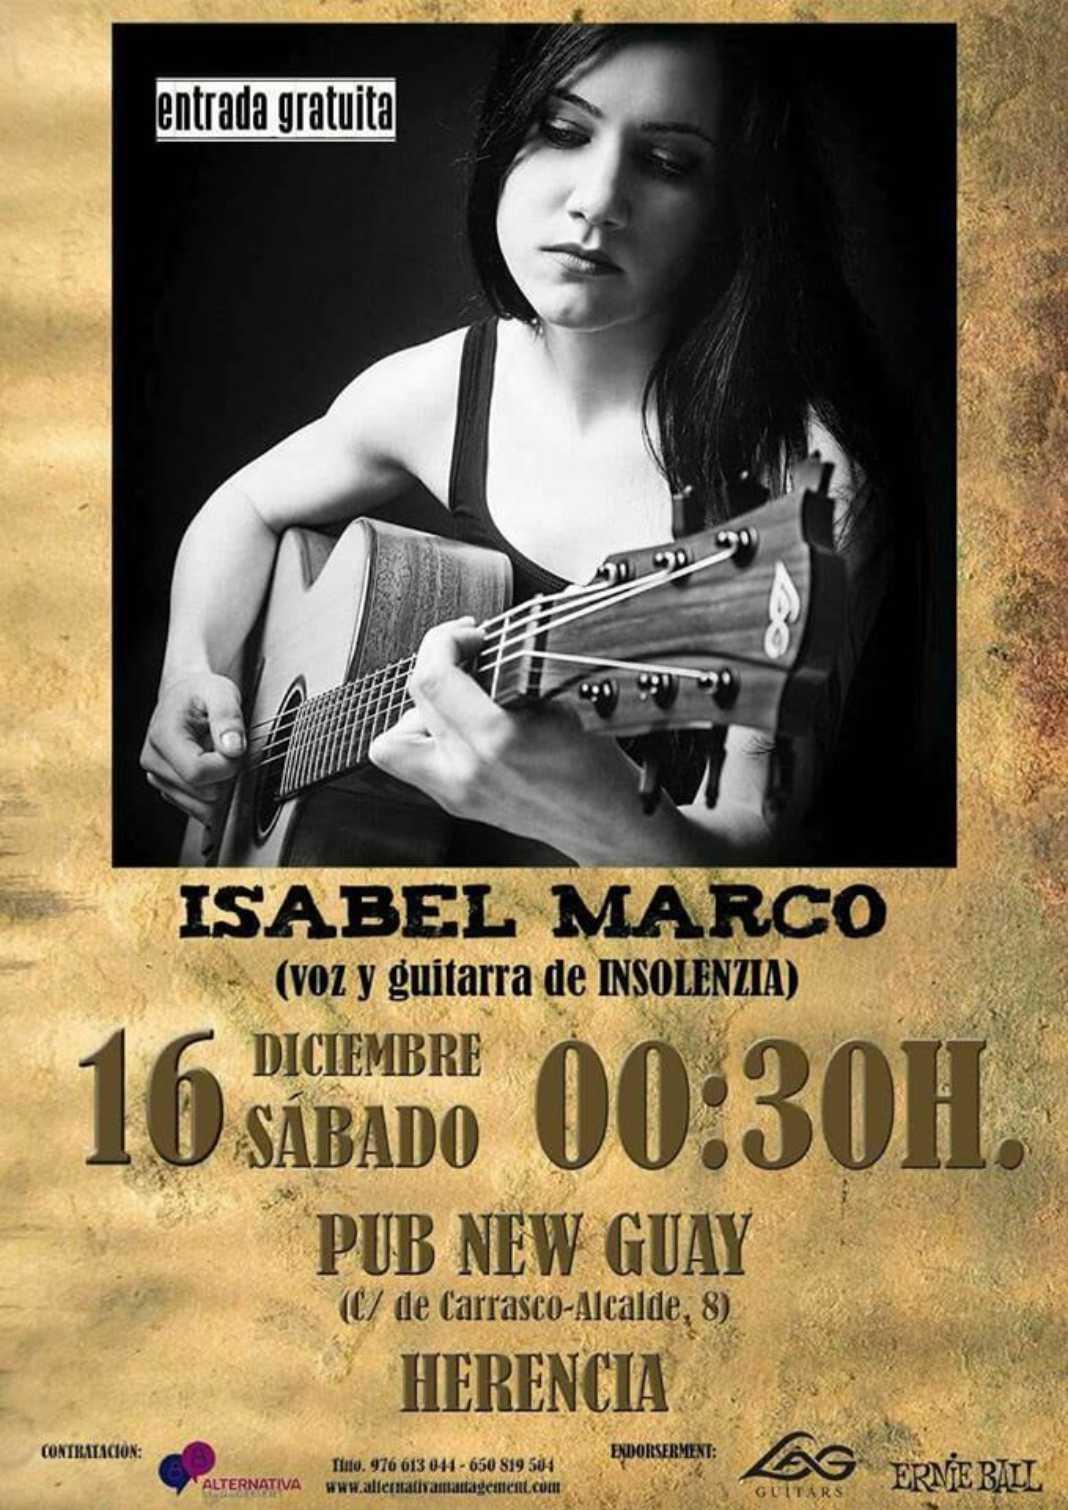 Isabel Marco dará un concierto en disco-pub New Guay 4